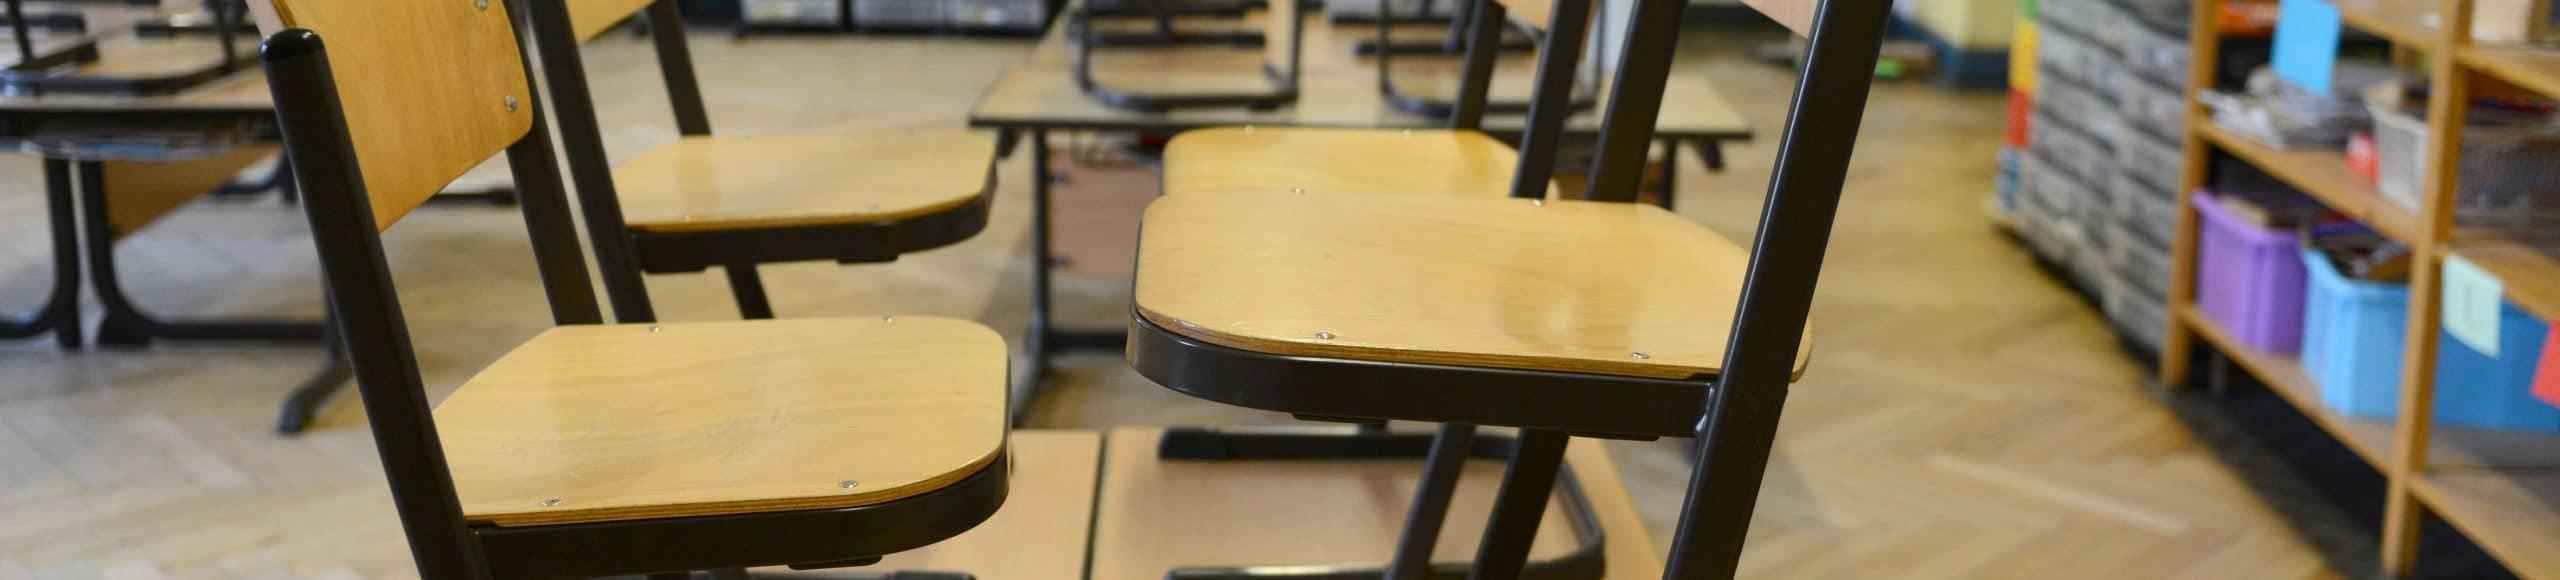 Lehrermangel Schule Schulstühle